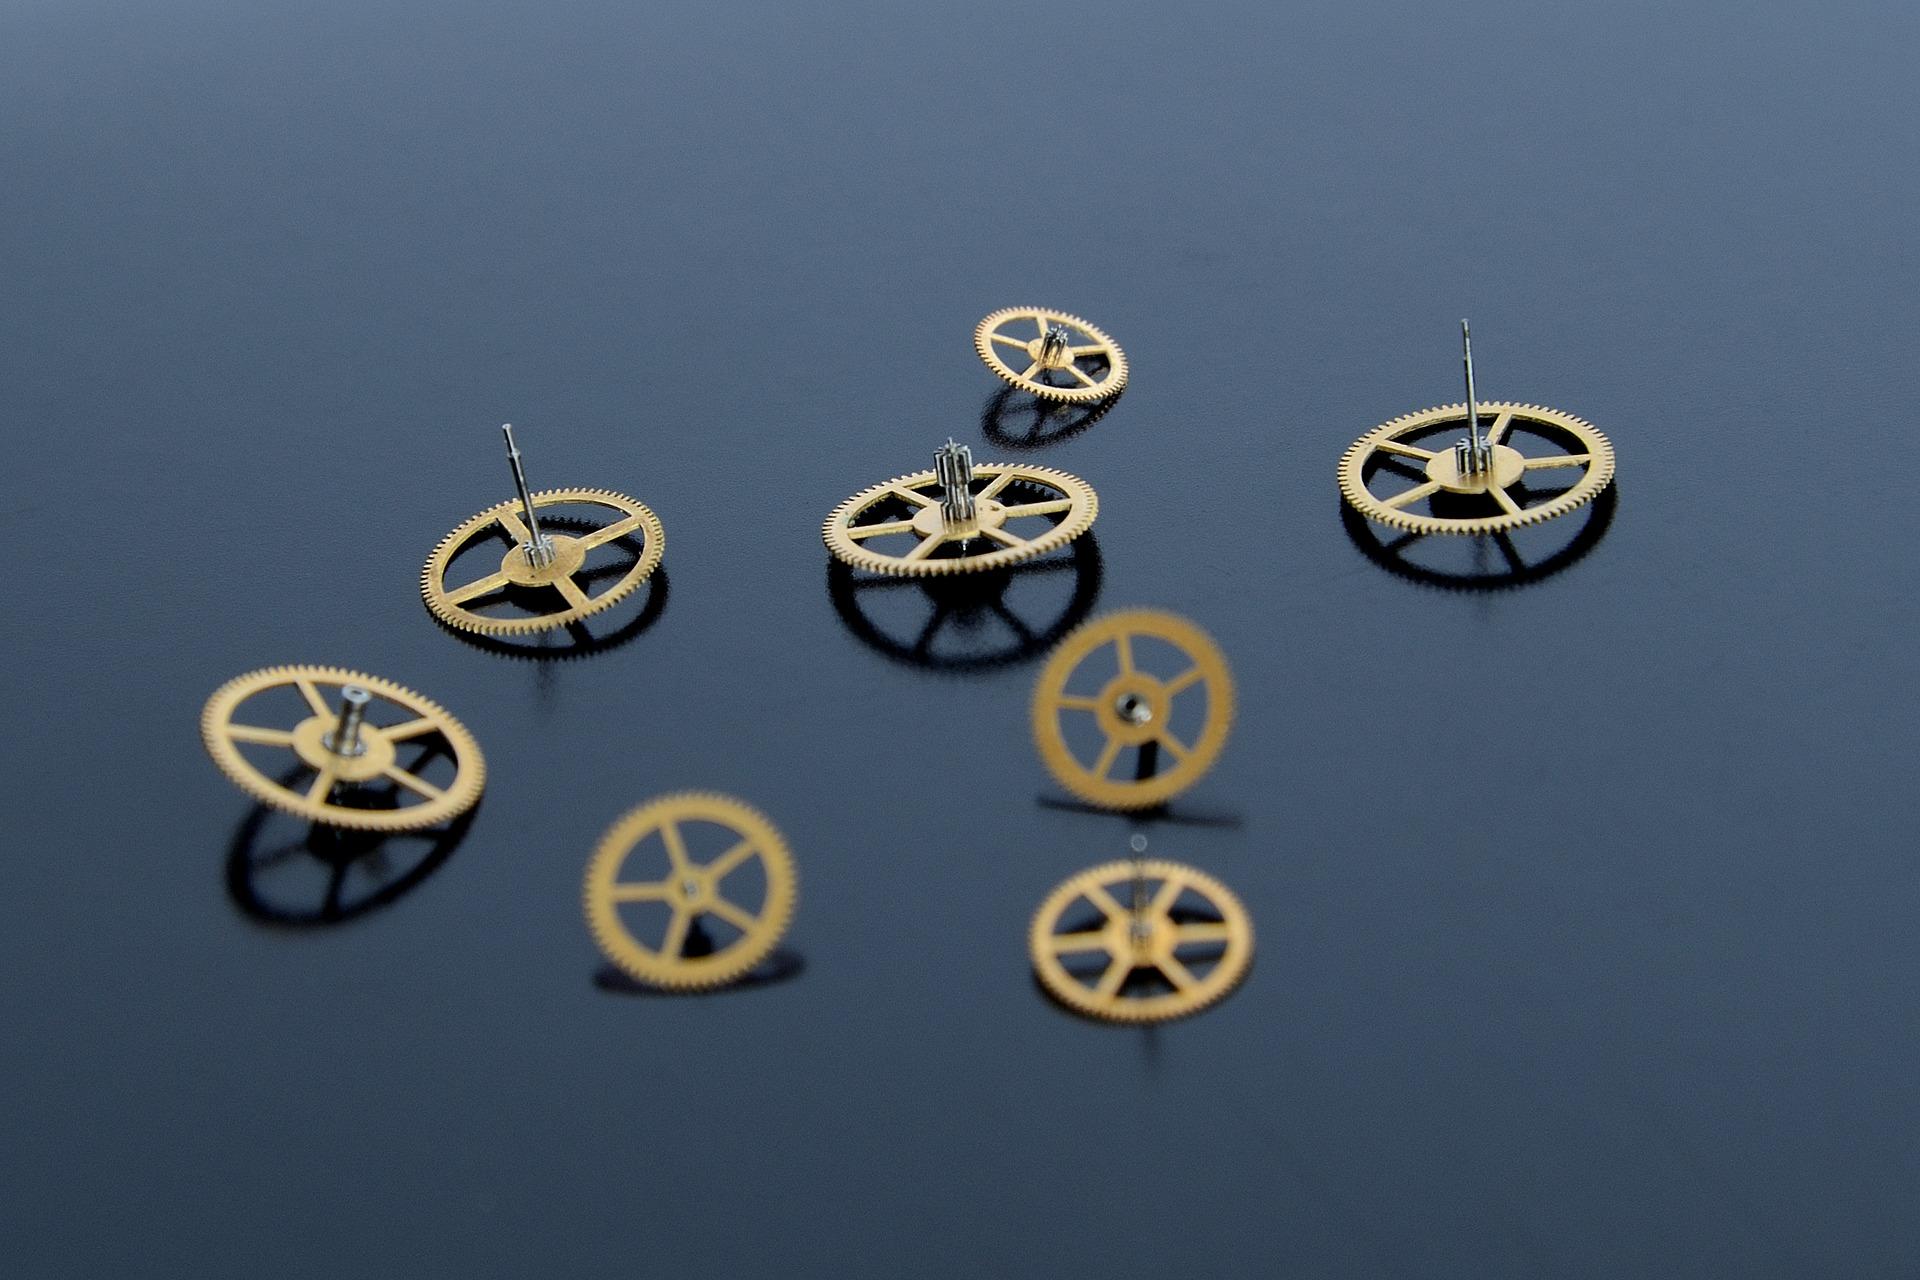 mechanism-1641935_1920